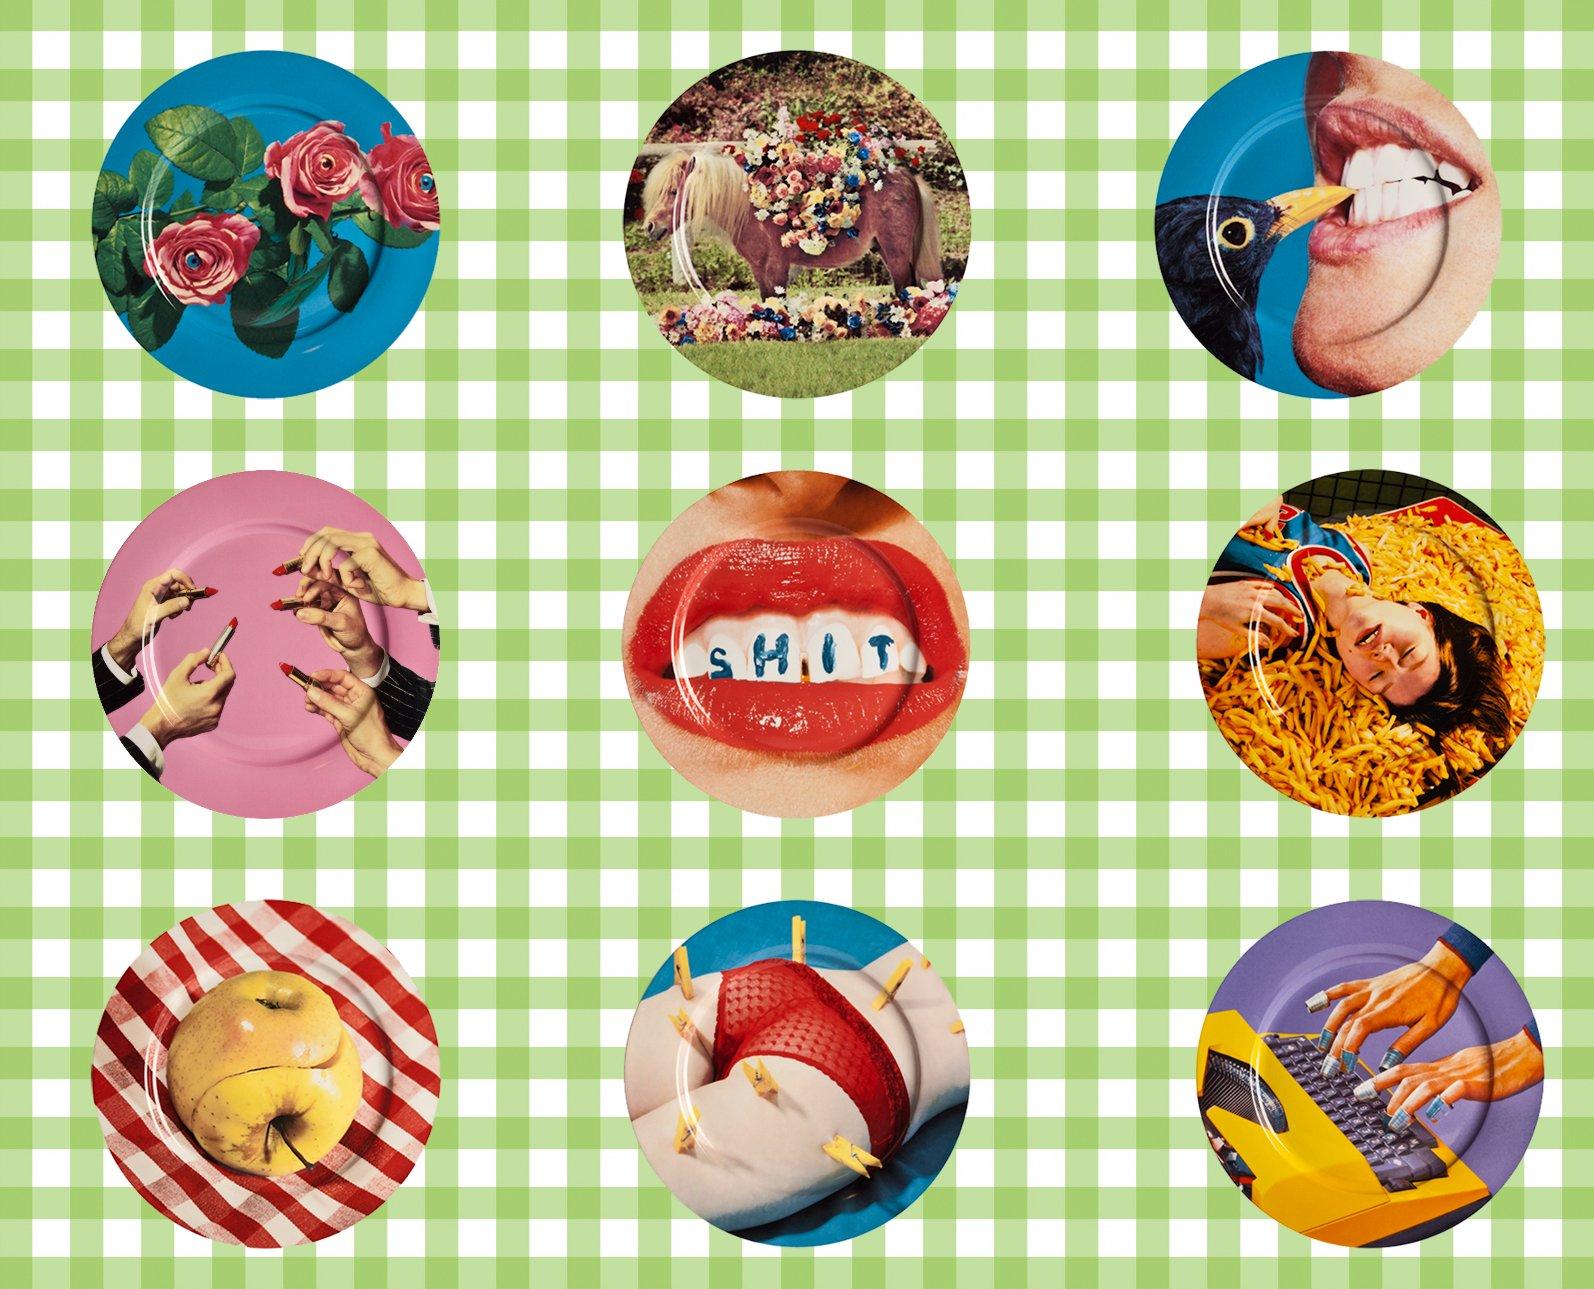 Piatti decorati in ceramica di design idee e suggerimenti - Piatti di frutta decorati ...